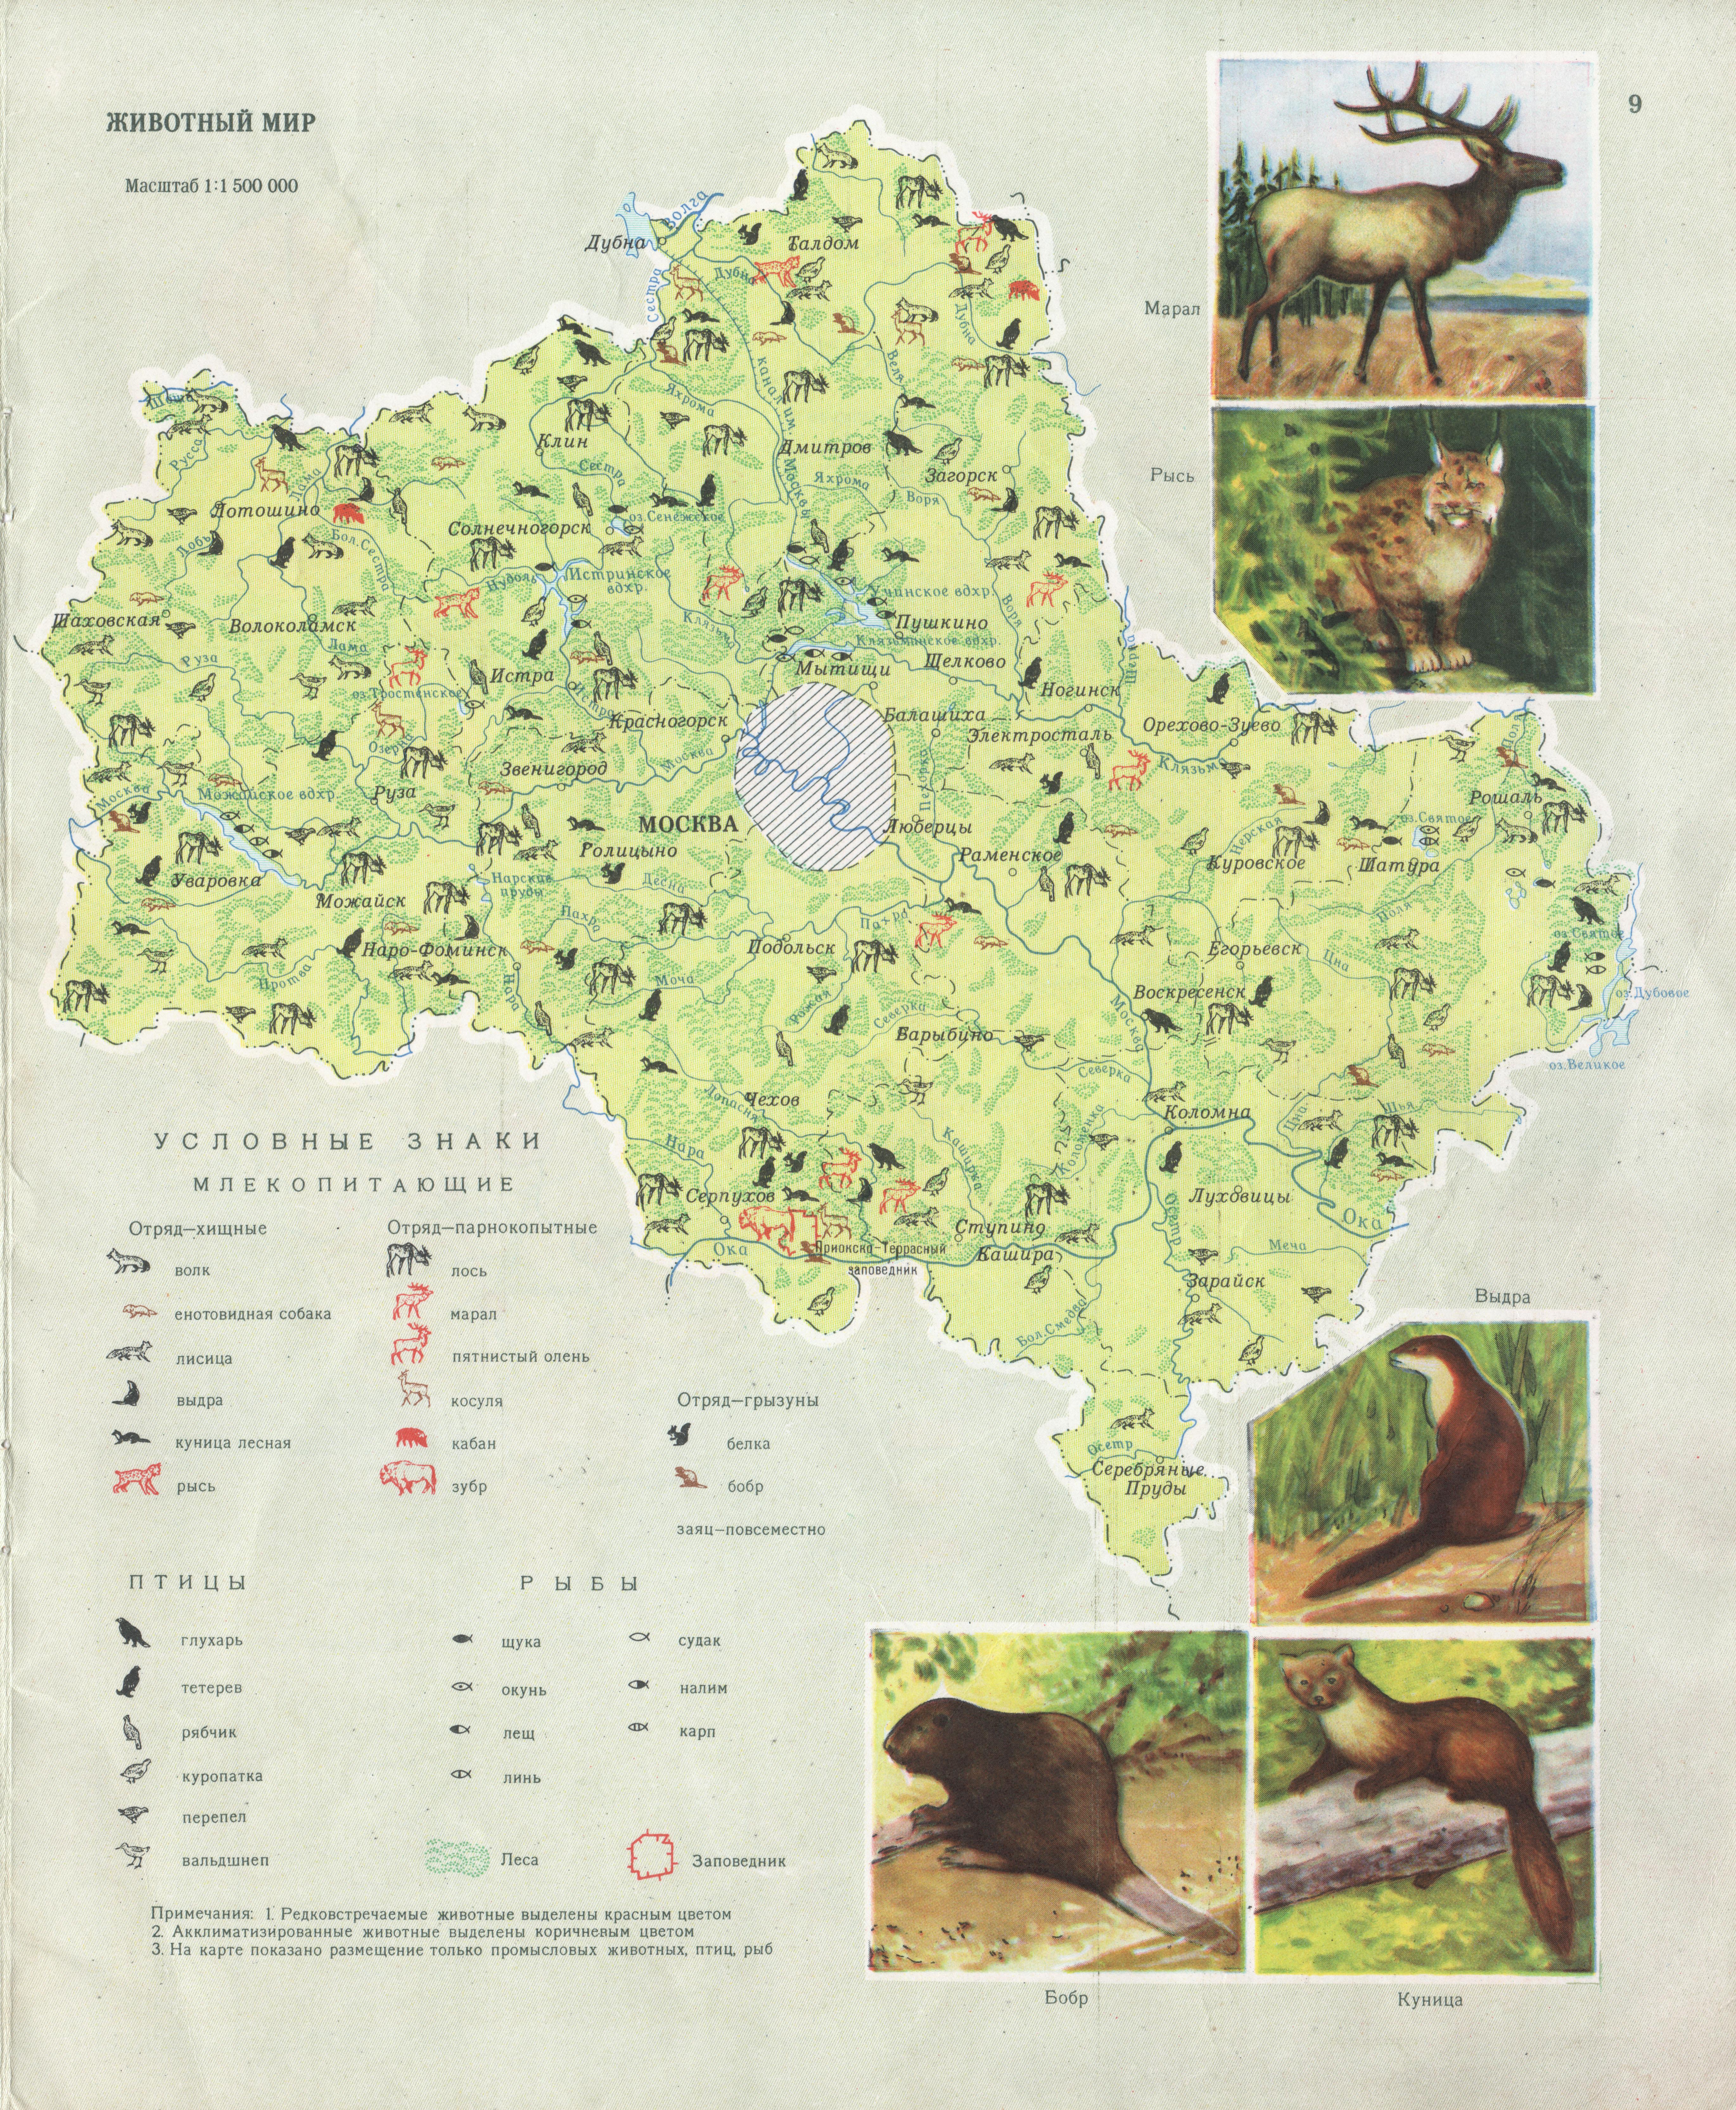 Карта животного мира Москвы и Московской области смотреть онлайн